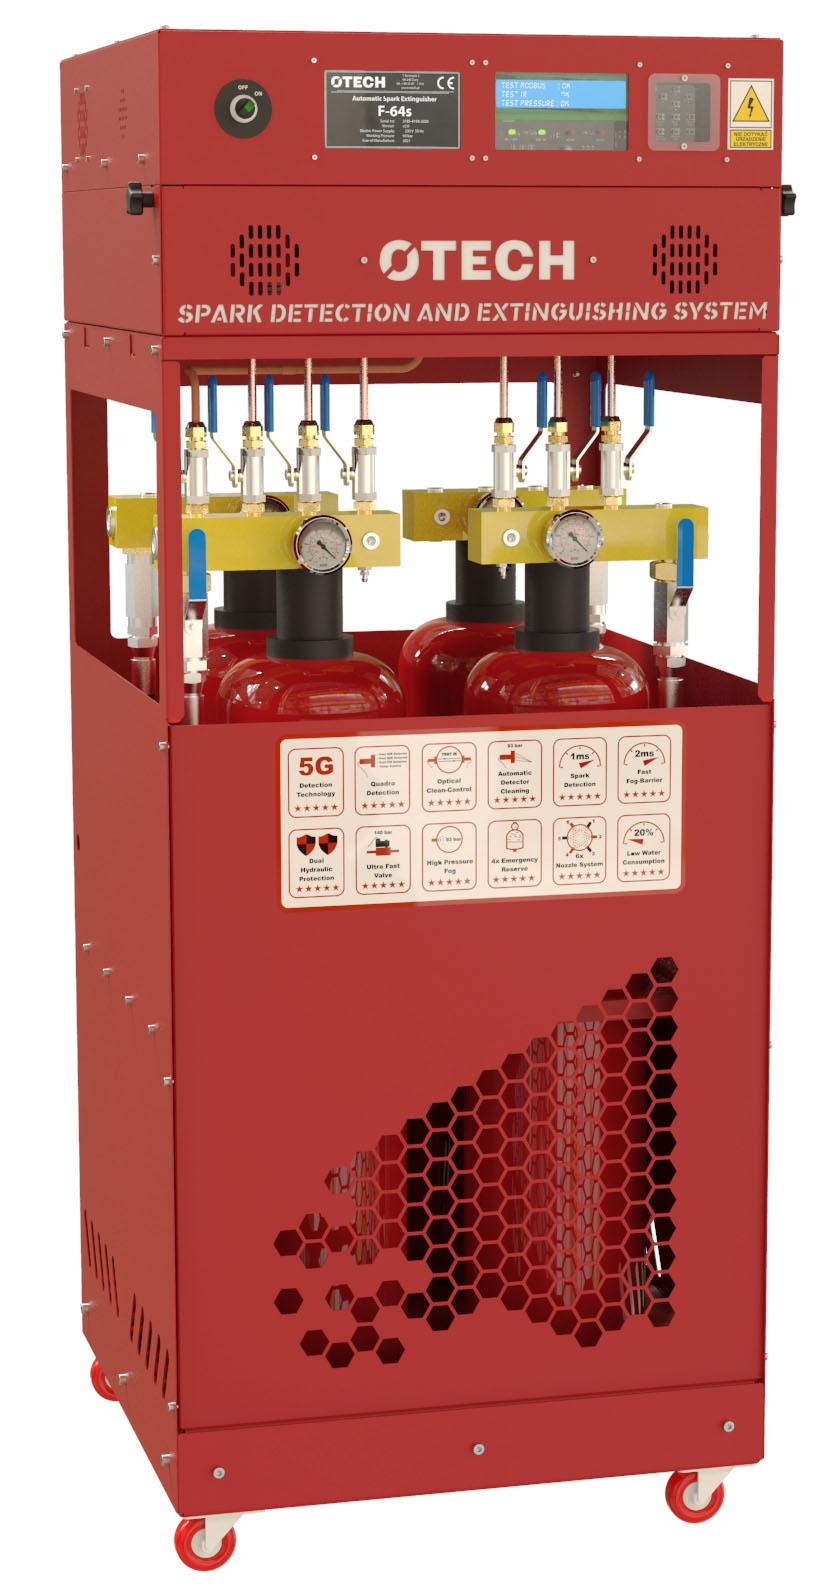 detekcja i wykrywanie iskier, detekcja wykrywanie gaszenie iskier, system detekcji, otech,, ochrona pożarowa, odciągi trocin, odciąg pyłów aluminium, filtry, silosy